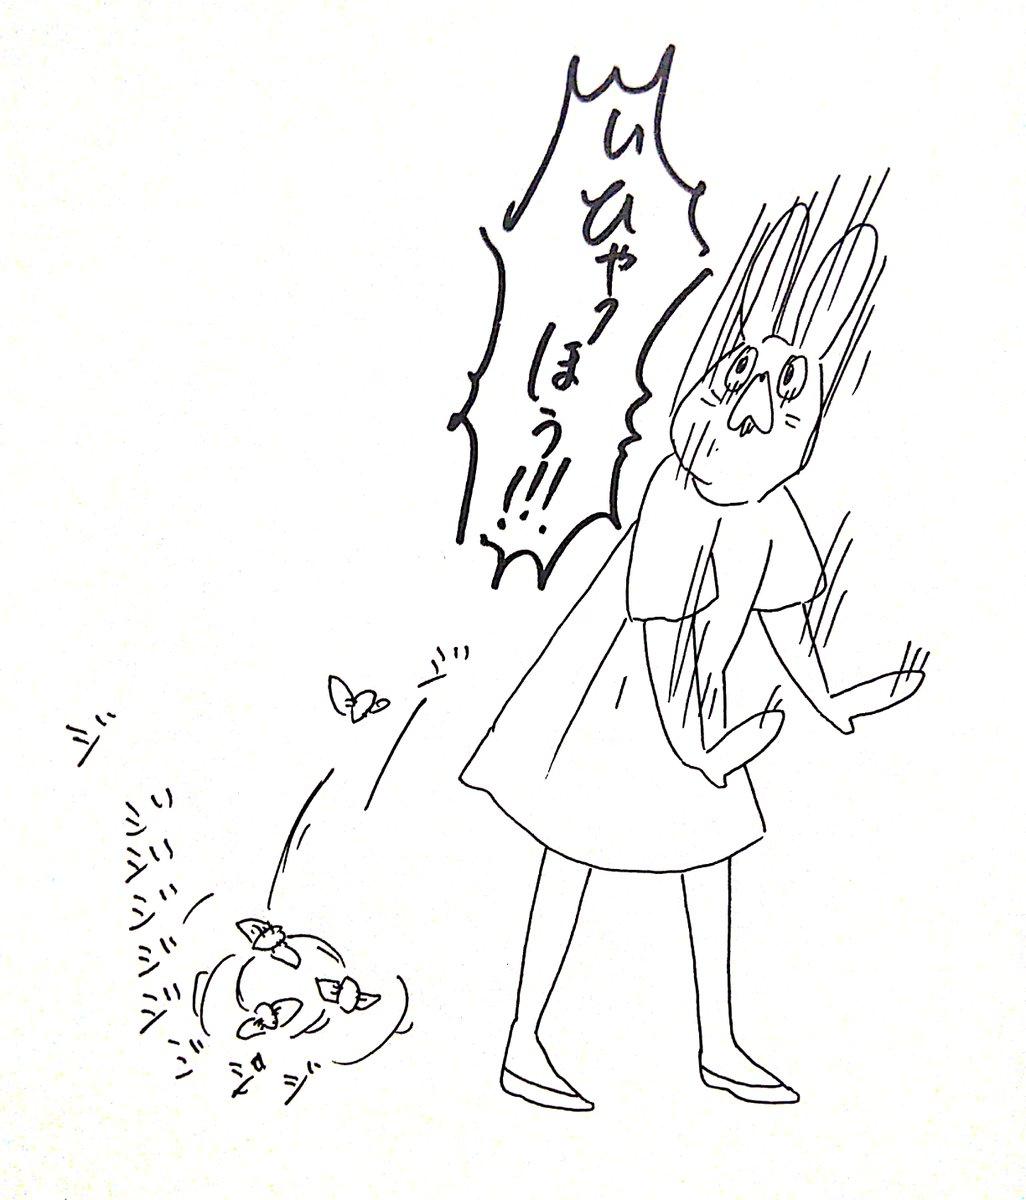 なう。 夏は「テレビから貞子」より、「地面から蝉」の方が恐ろしいよね。